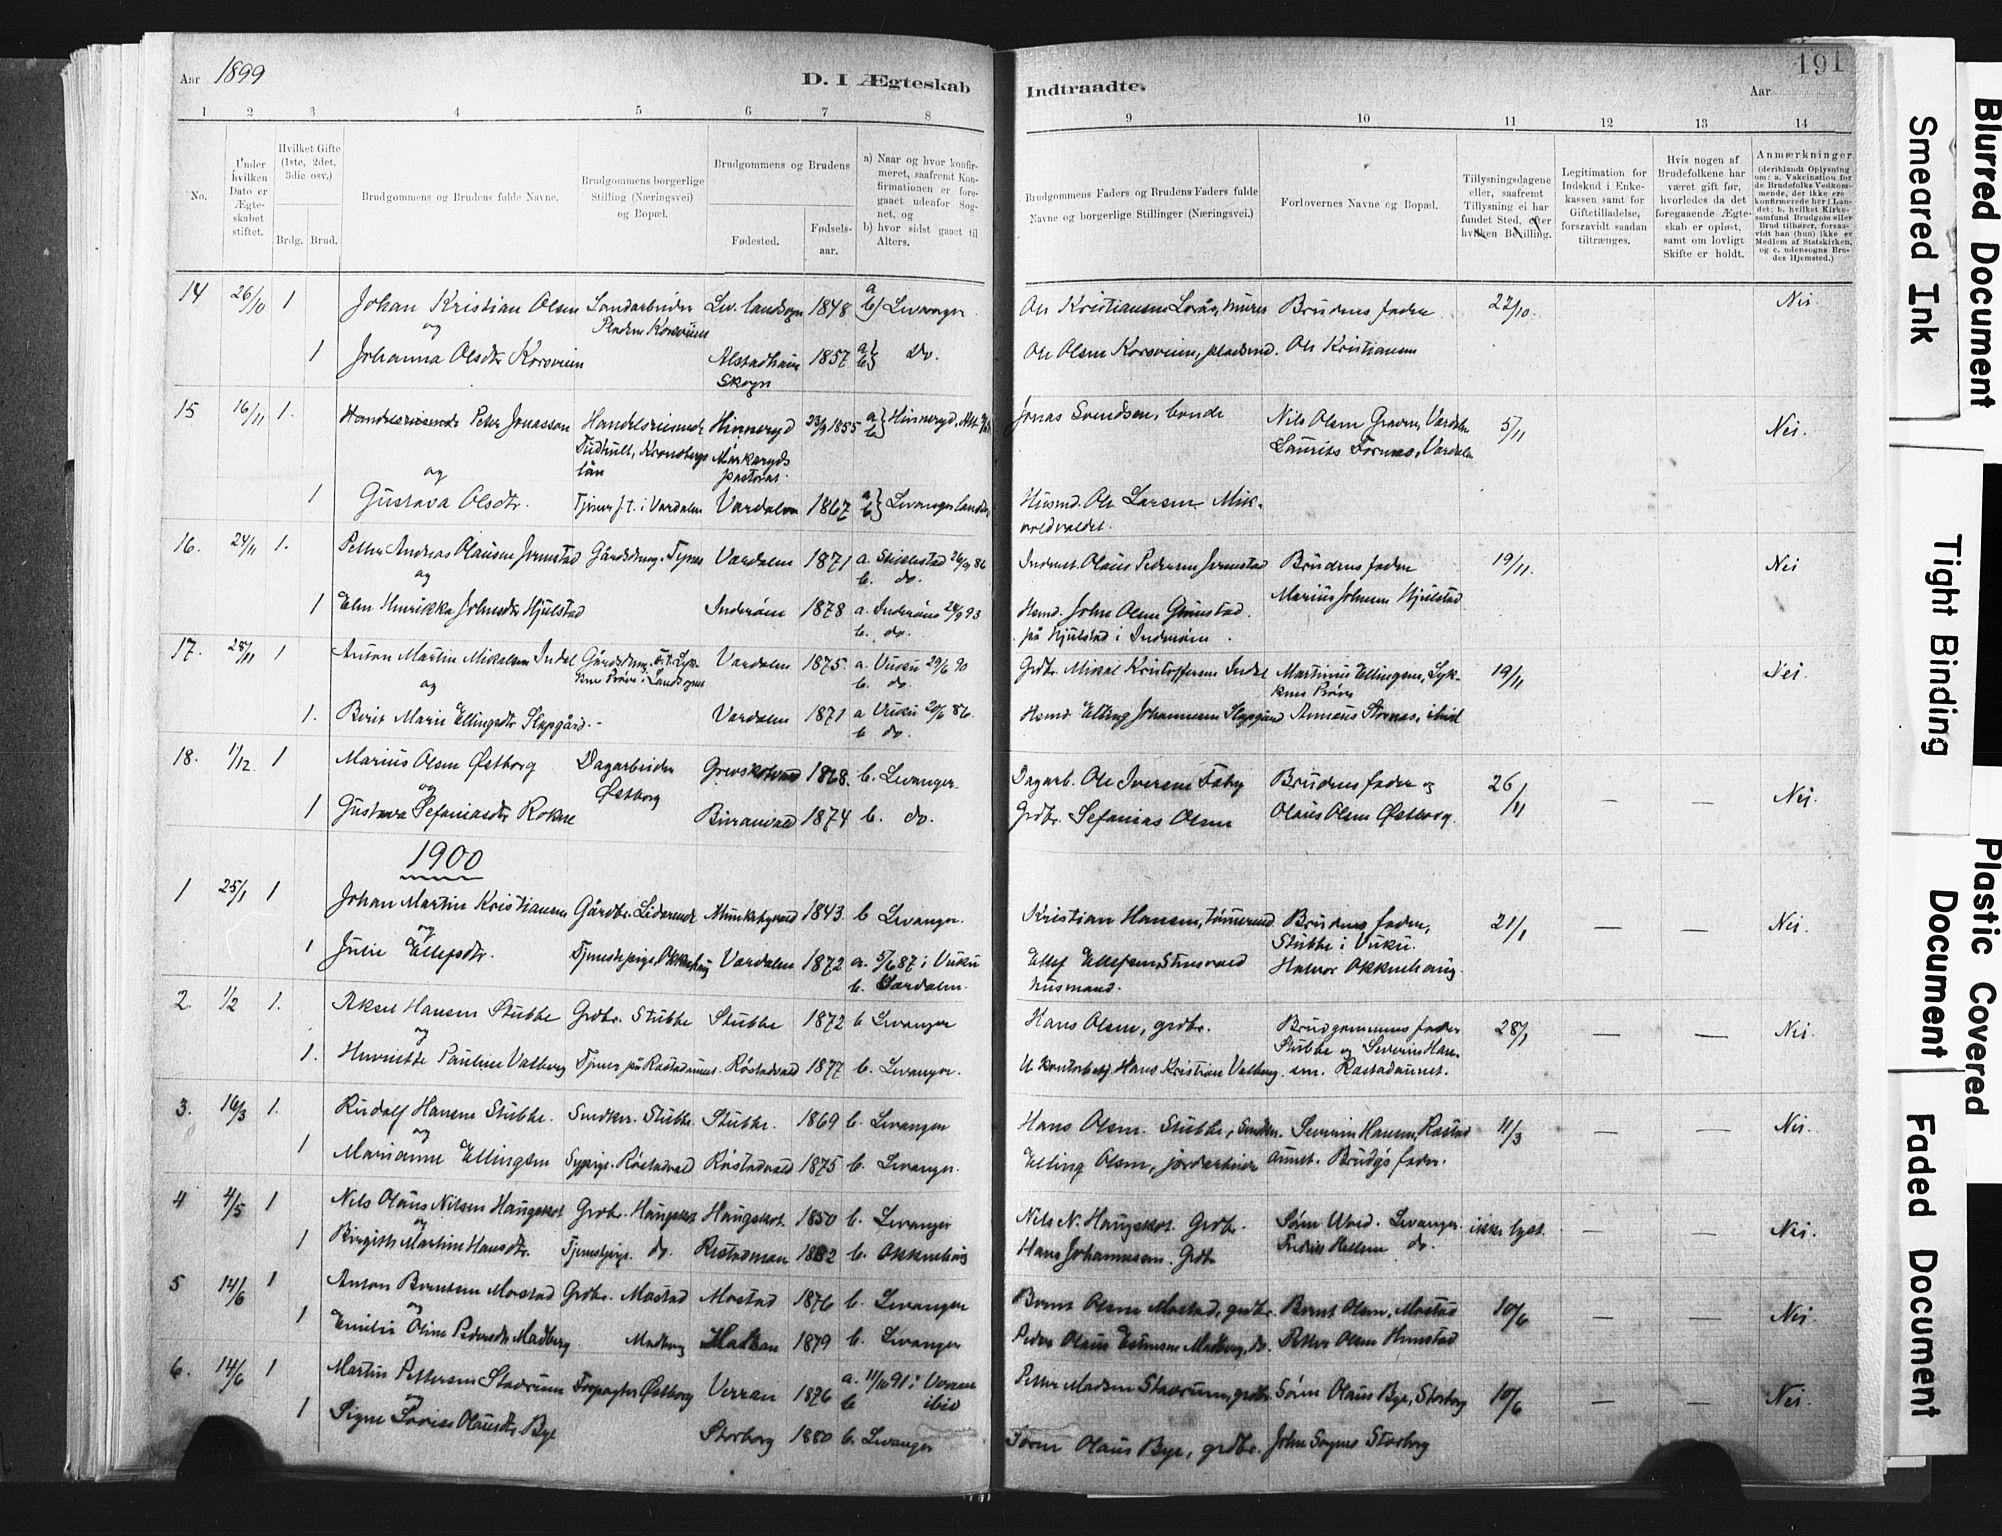 SAT, Ministerialprotokoller, klokkerbøker og fødselsregistre - Nord-Trøndelag, 721/L0207: Ministerialbok nr. 721A02, 1880-1911, s. 191